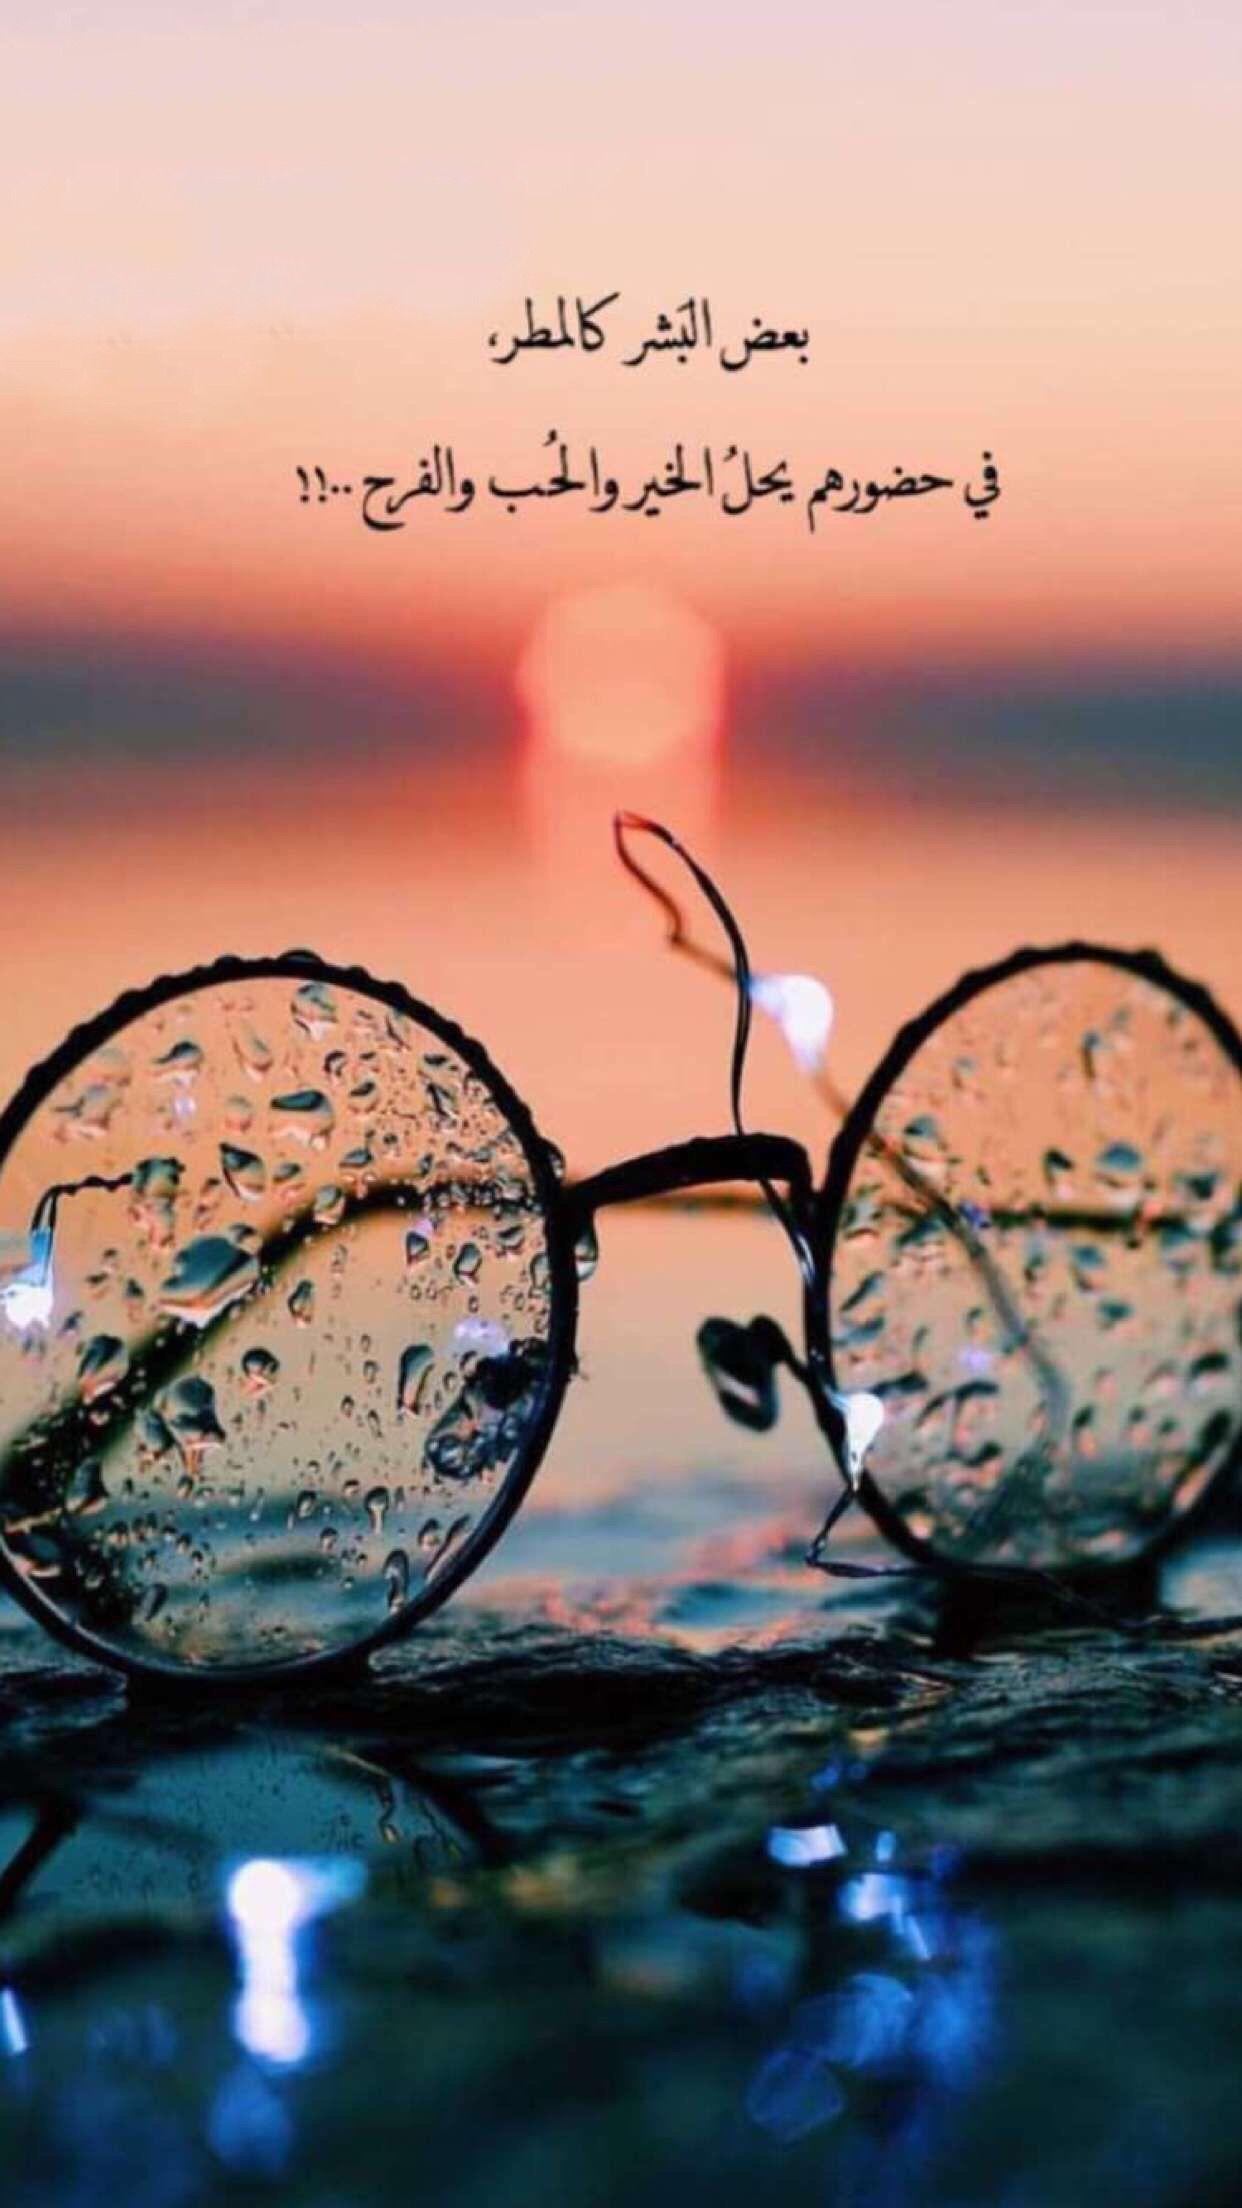 نعم ولكن قليلون هم Arabic Quotes Beautiful Arabic Words Words Quotes